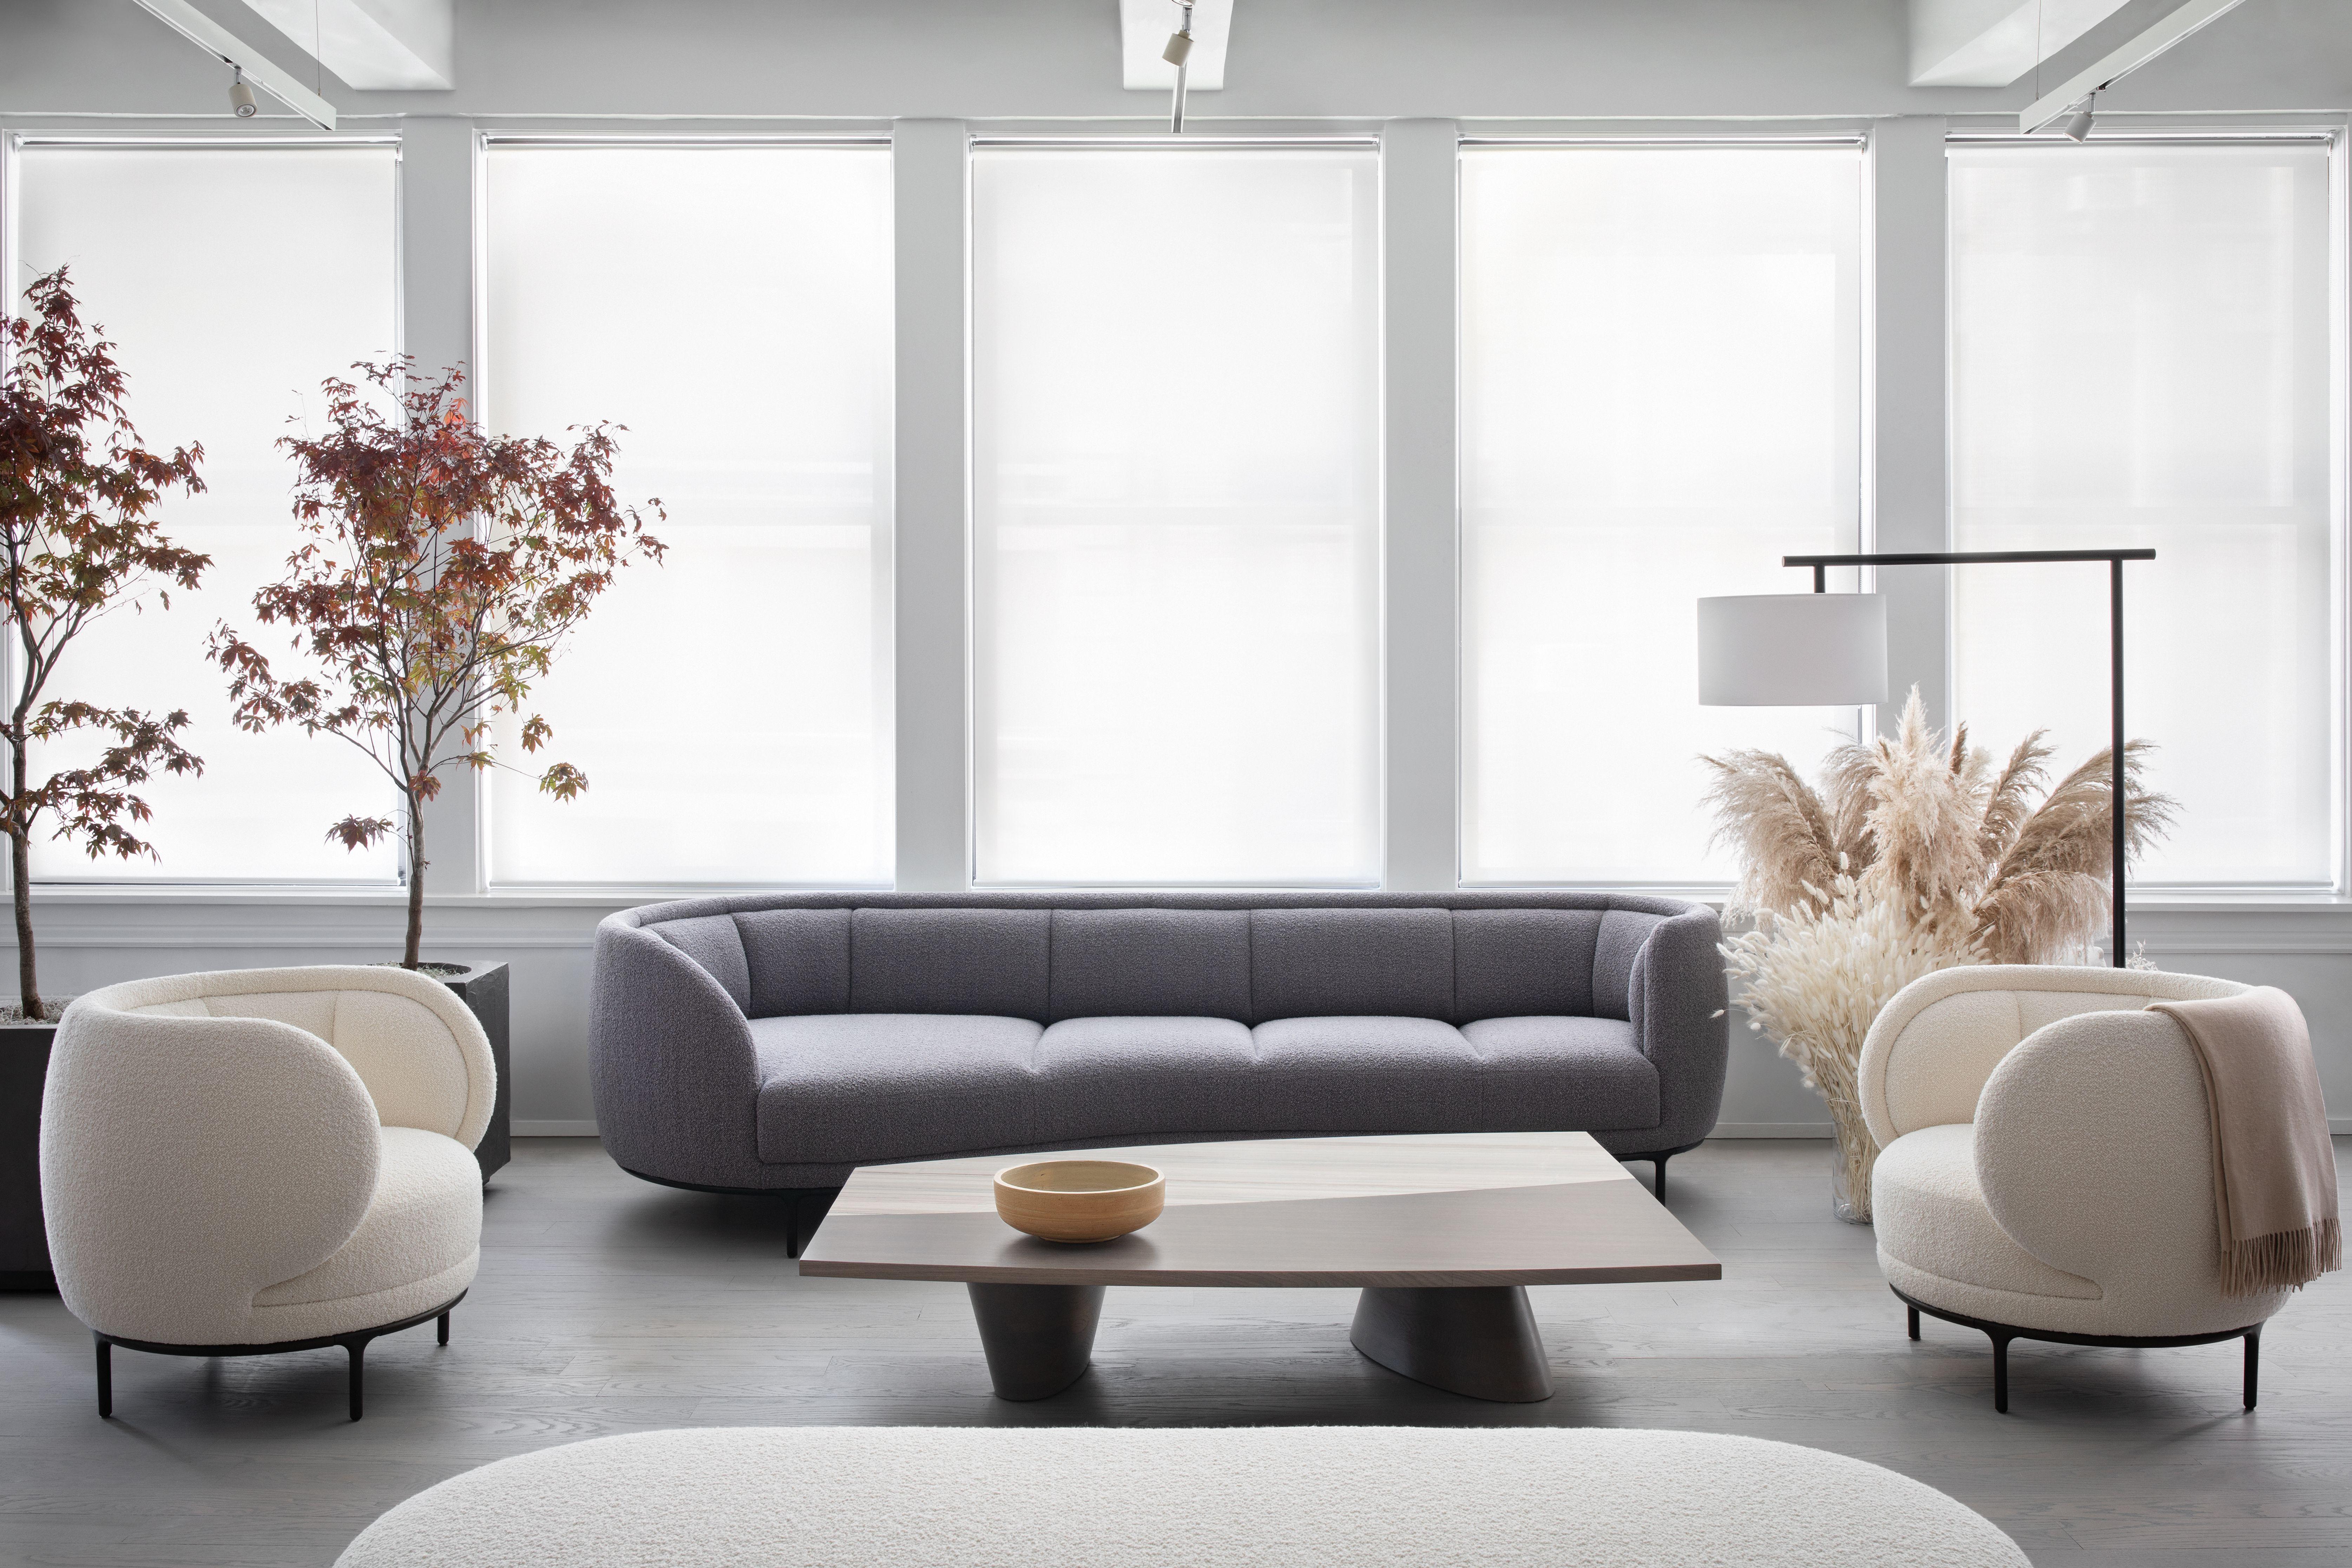 AVENUE ROAD New York Showroom furniture homedecor